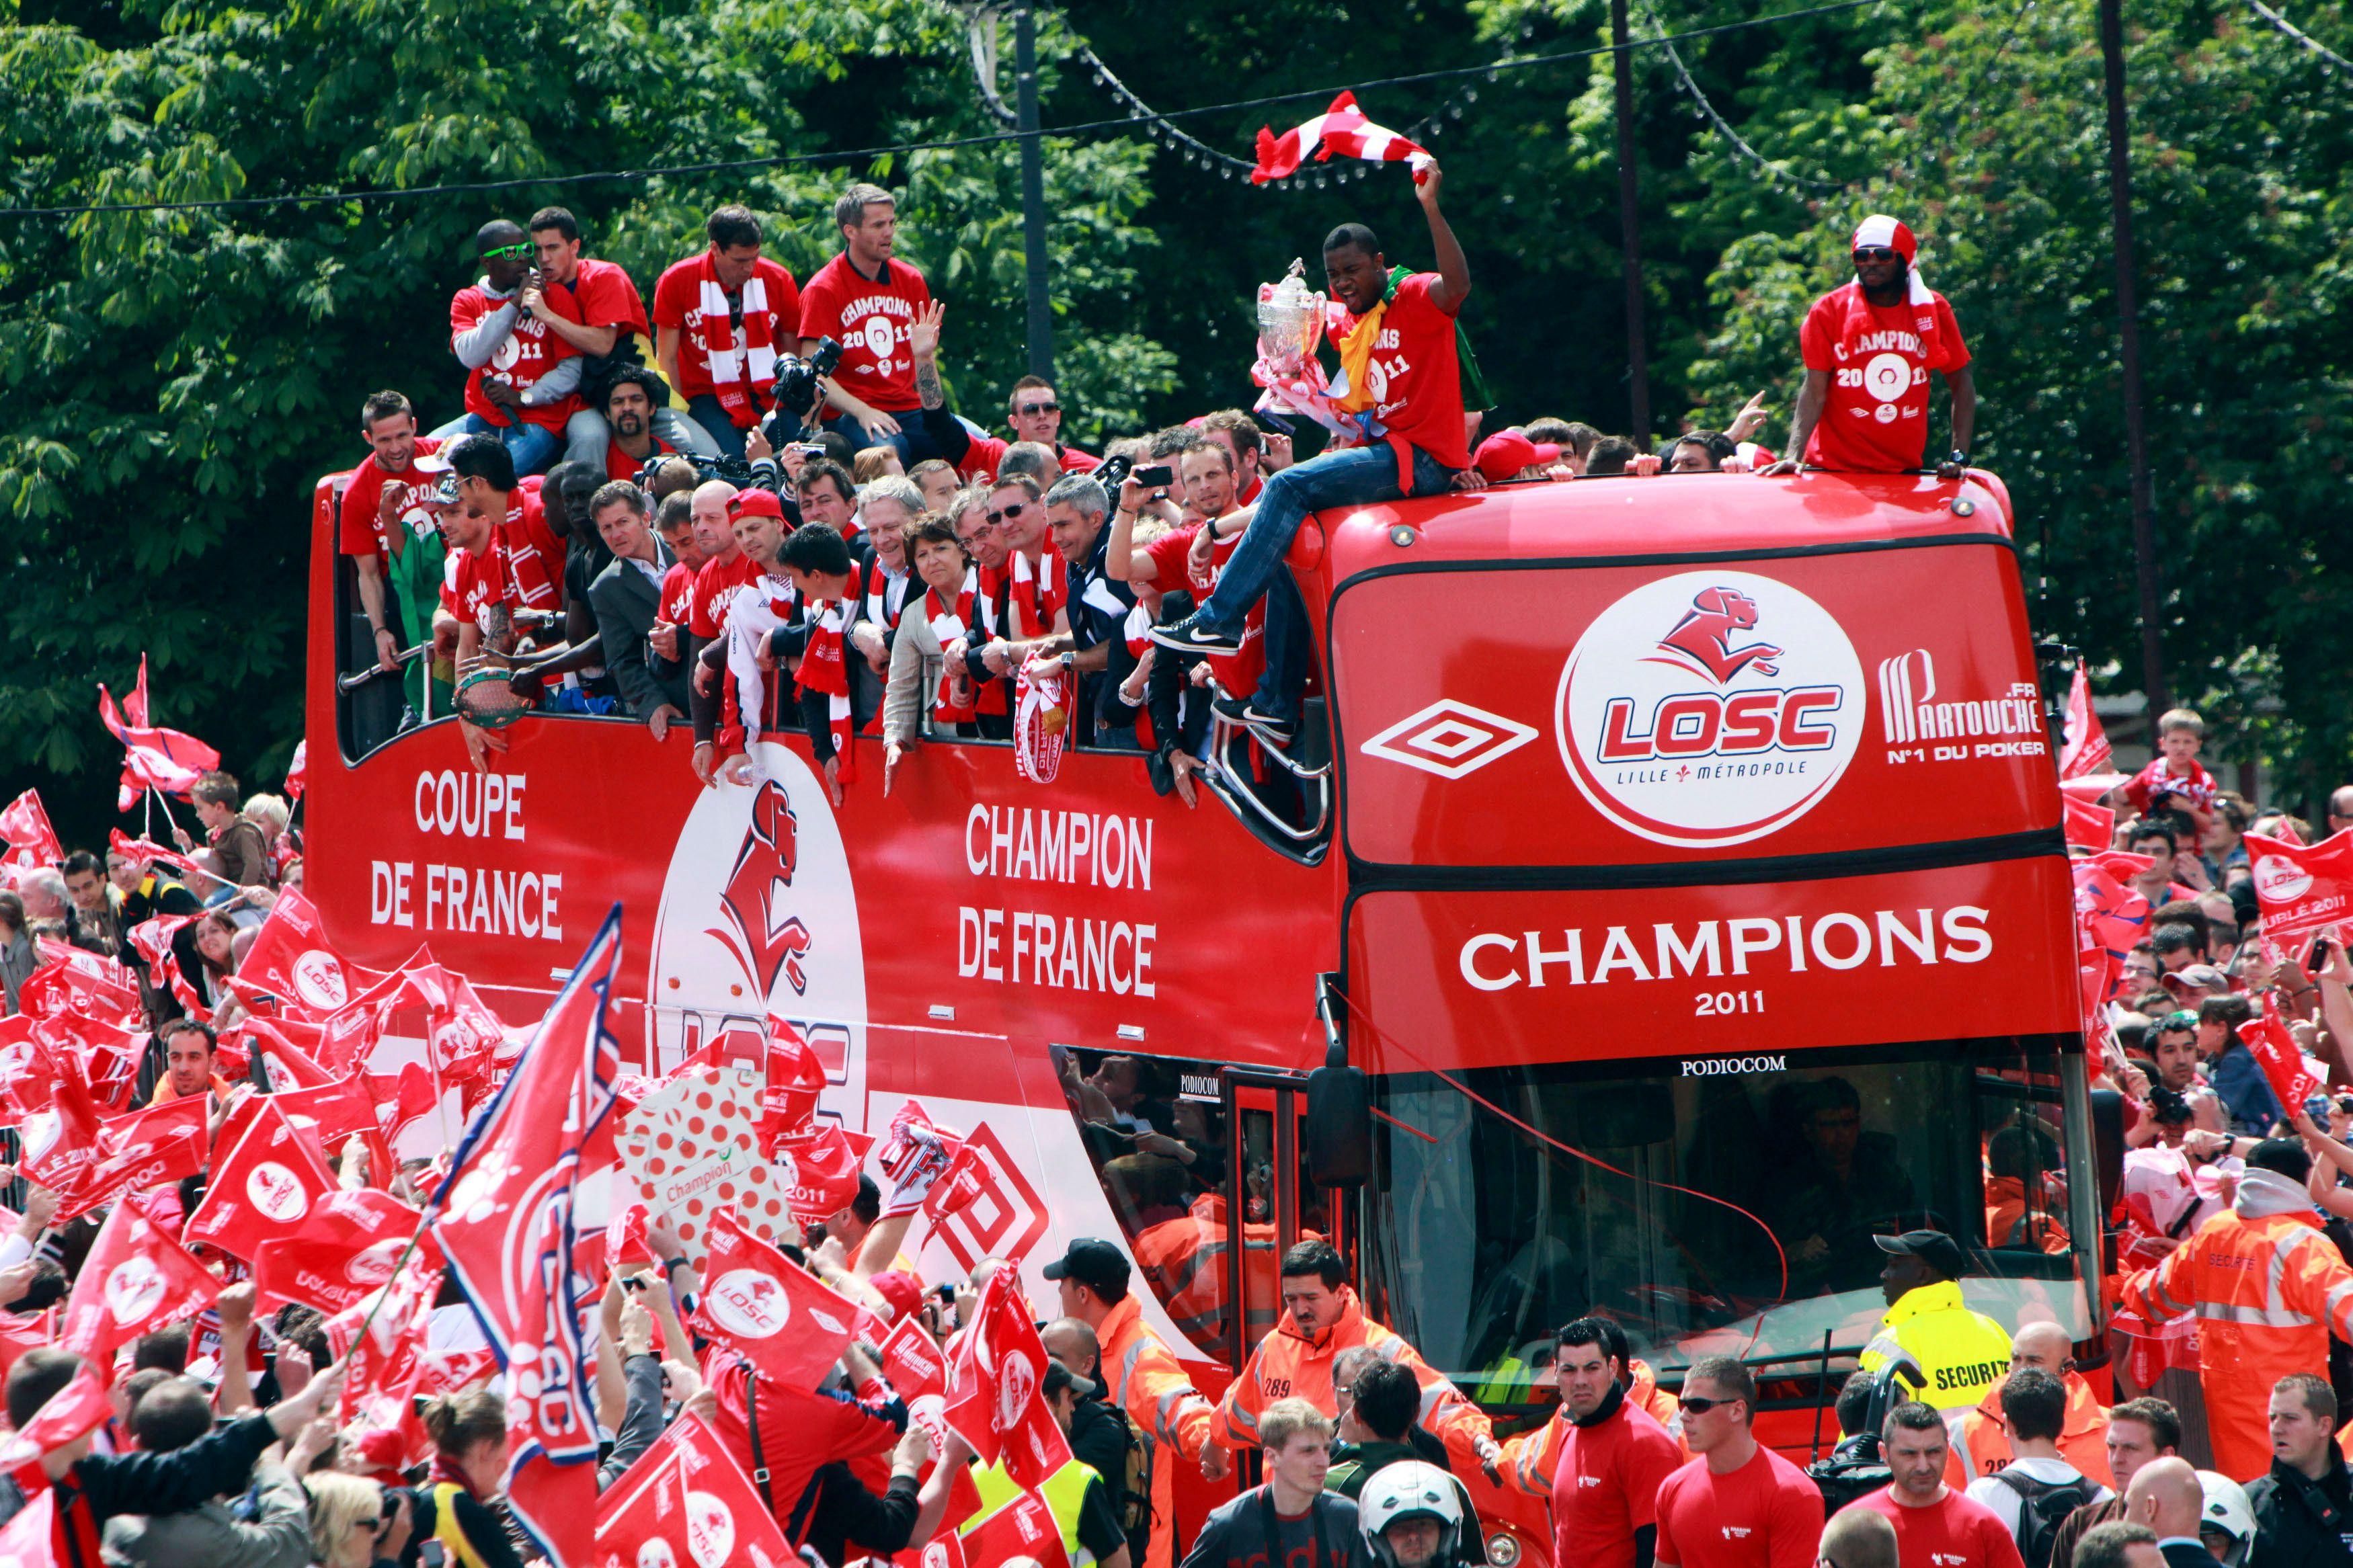 Faut-il se réjouir que Lille soit la meilleure équipe de l'hexagone ?